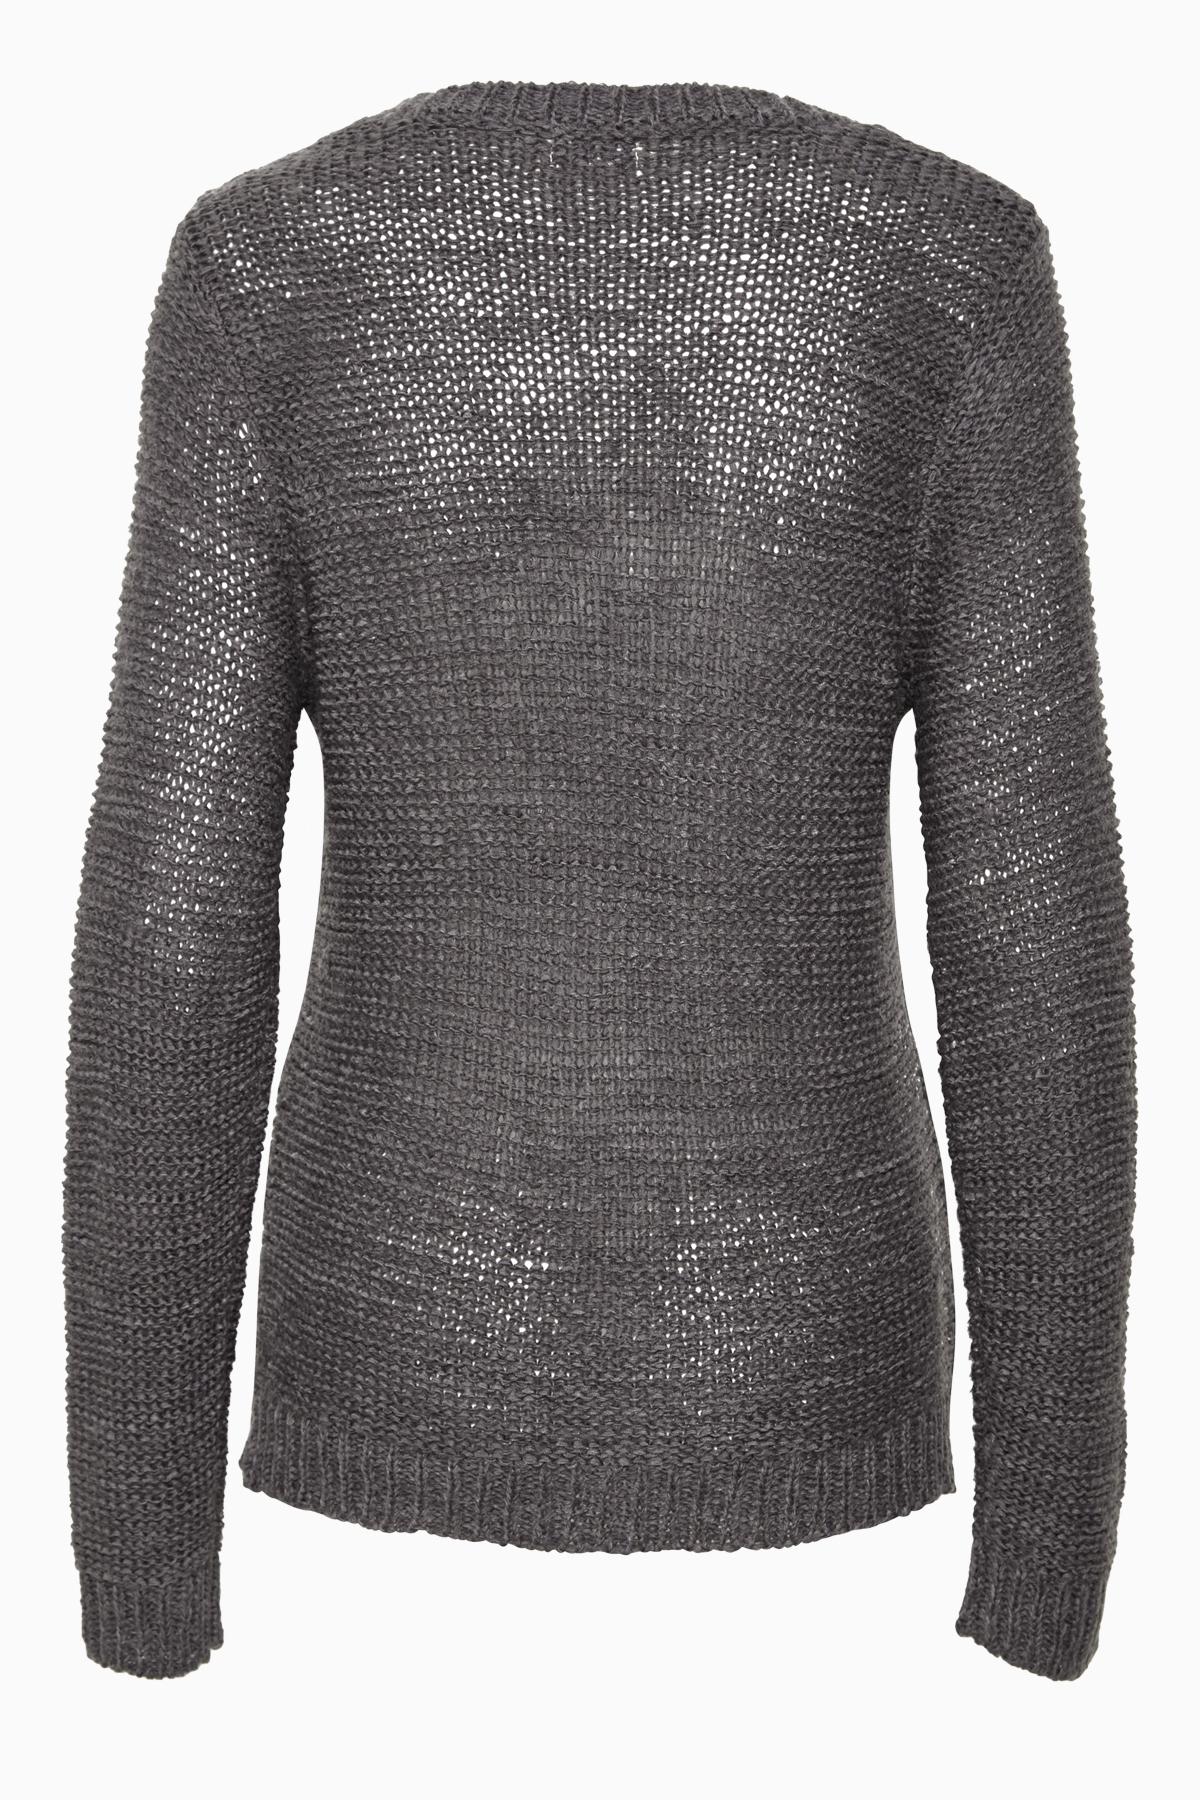 Mörkgrå Stickad pullover från Bon'A Parte – Köp Mörkgrå Stickad pullover från stl. S-3XL här